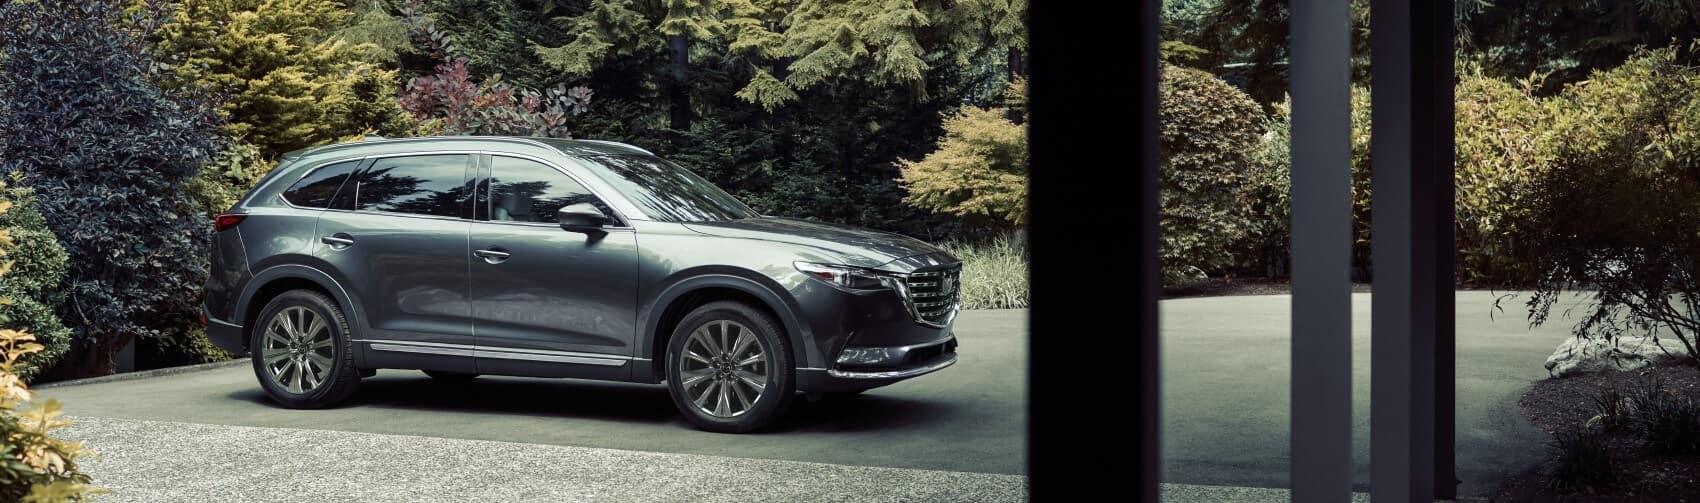 2021 Mazda CX-9 Deals